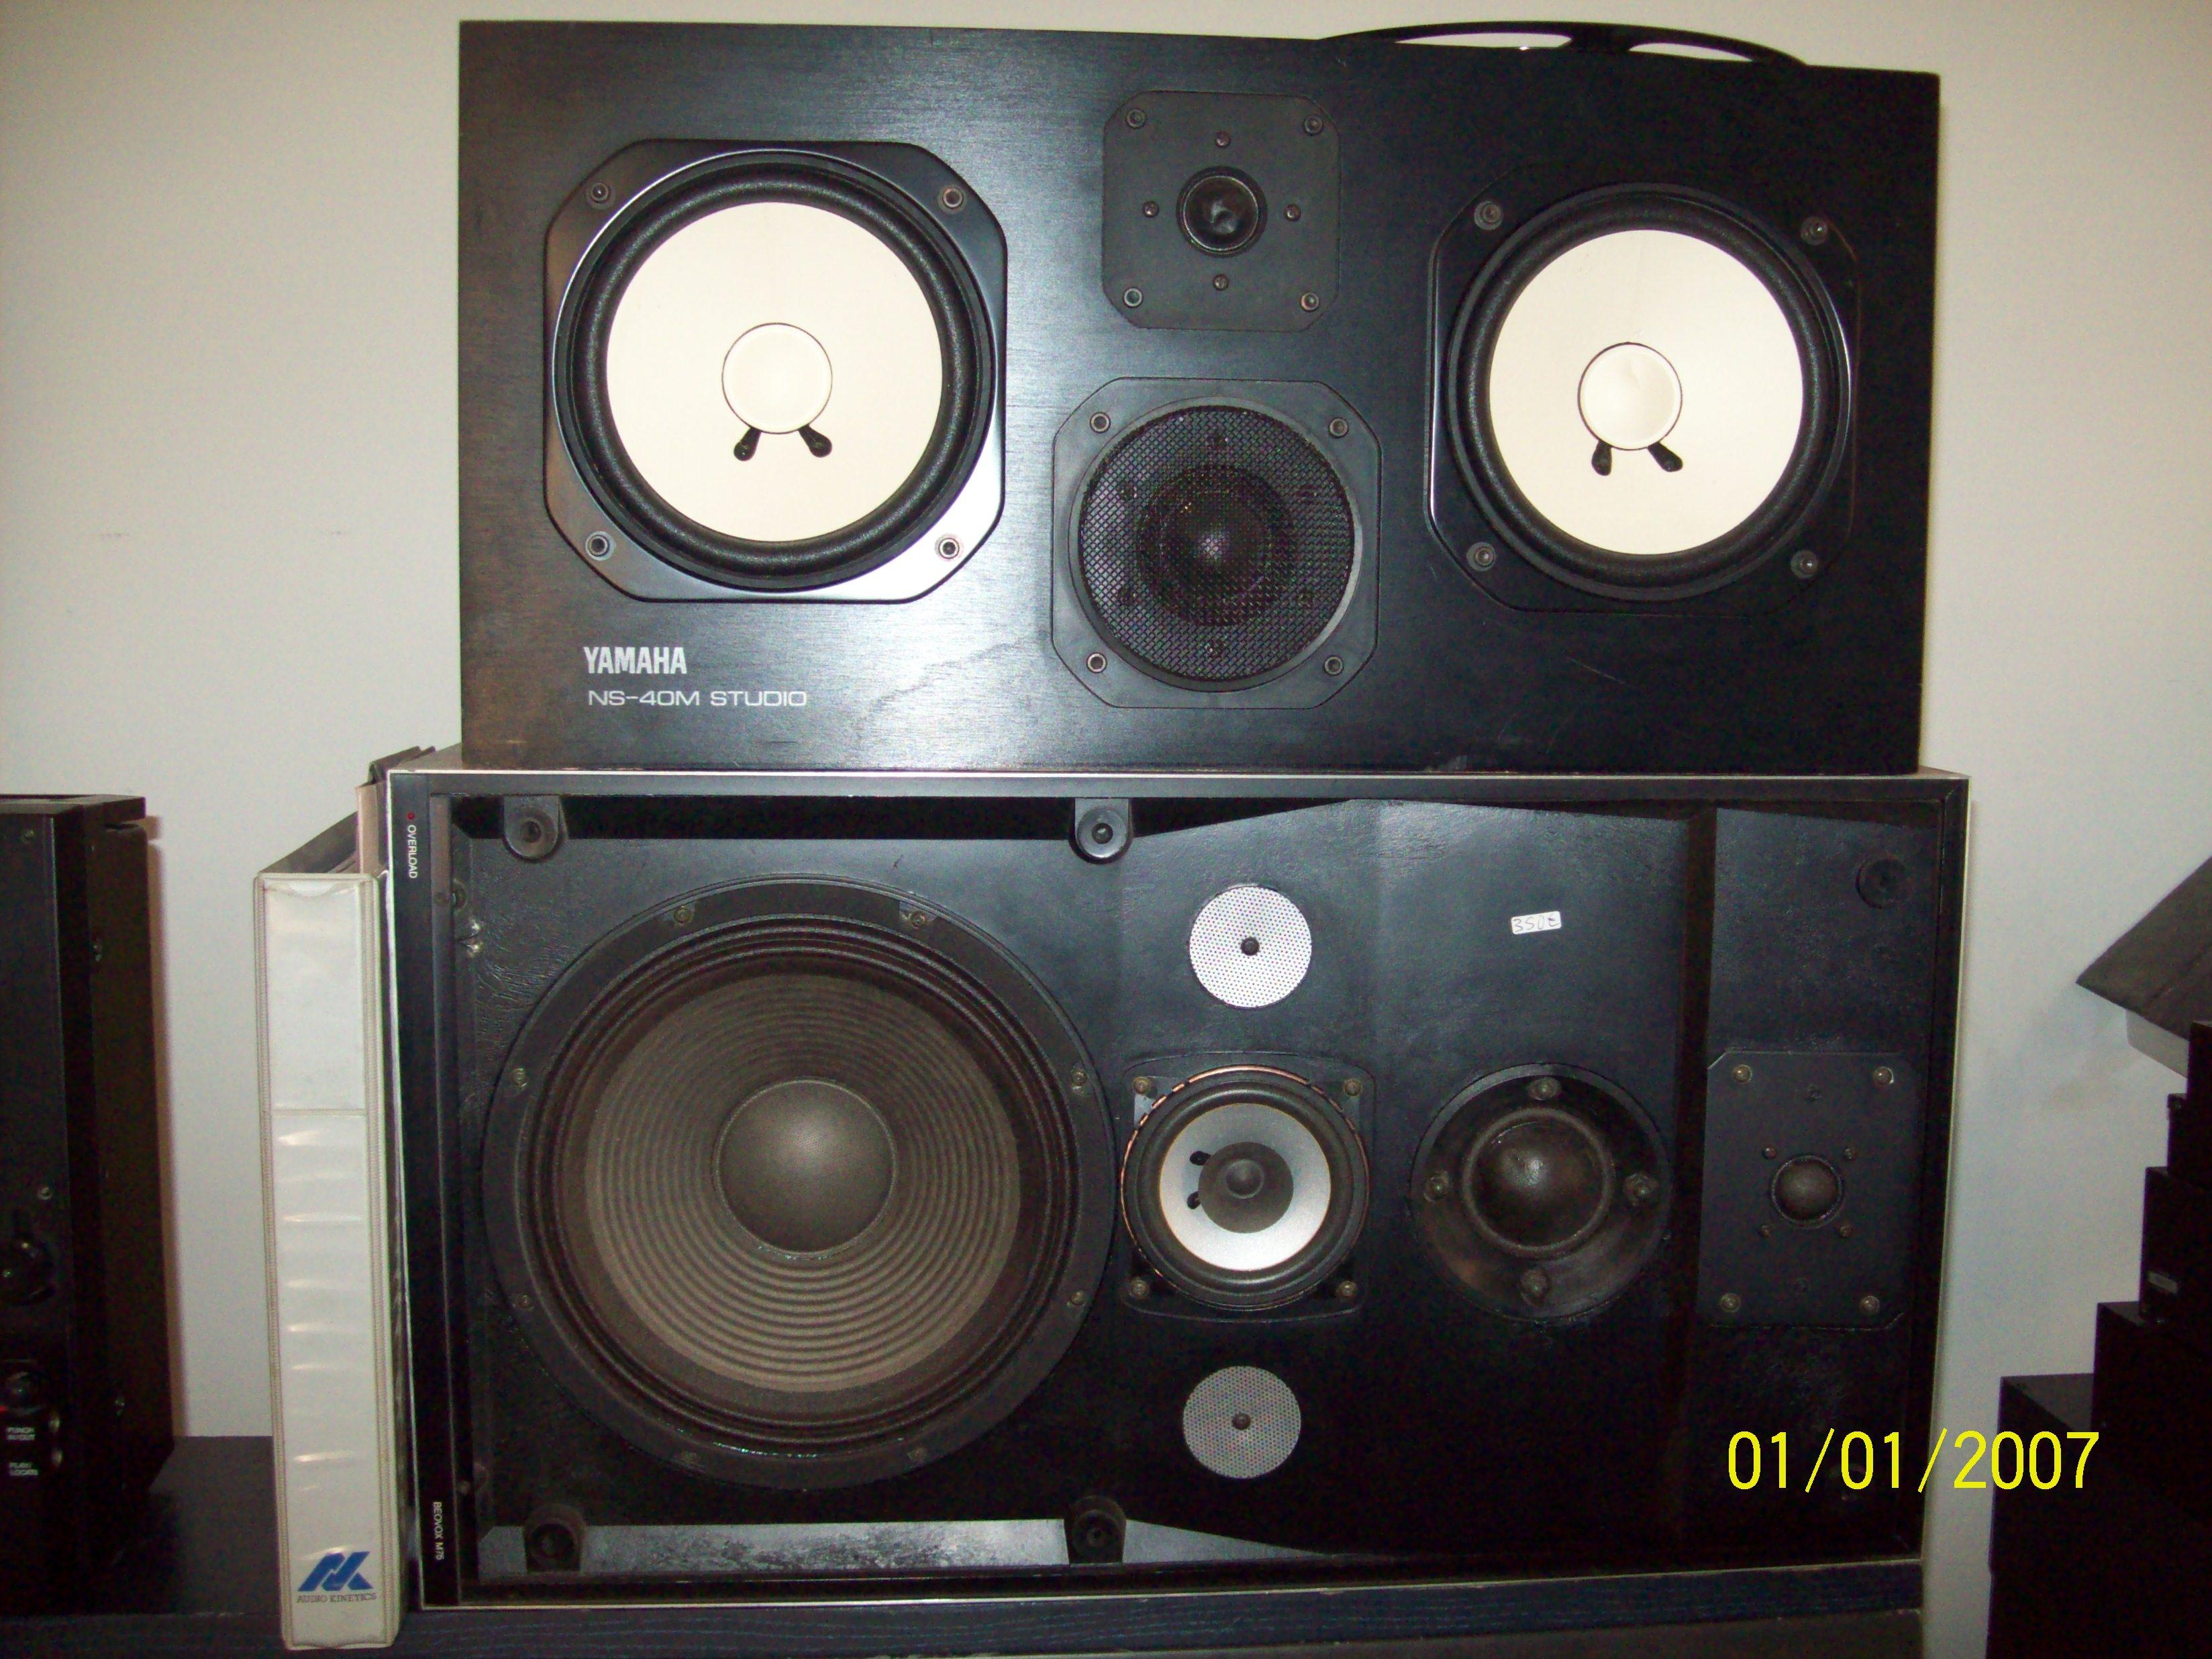 Yamaha ns 40m studio image 343722 audiofanzine for Yamaha ns 40